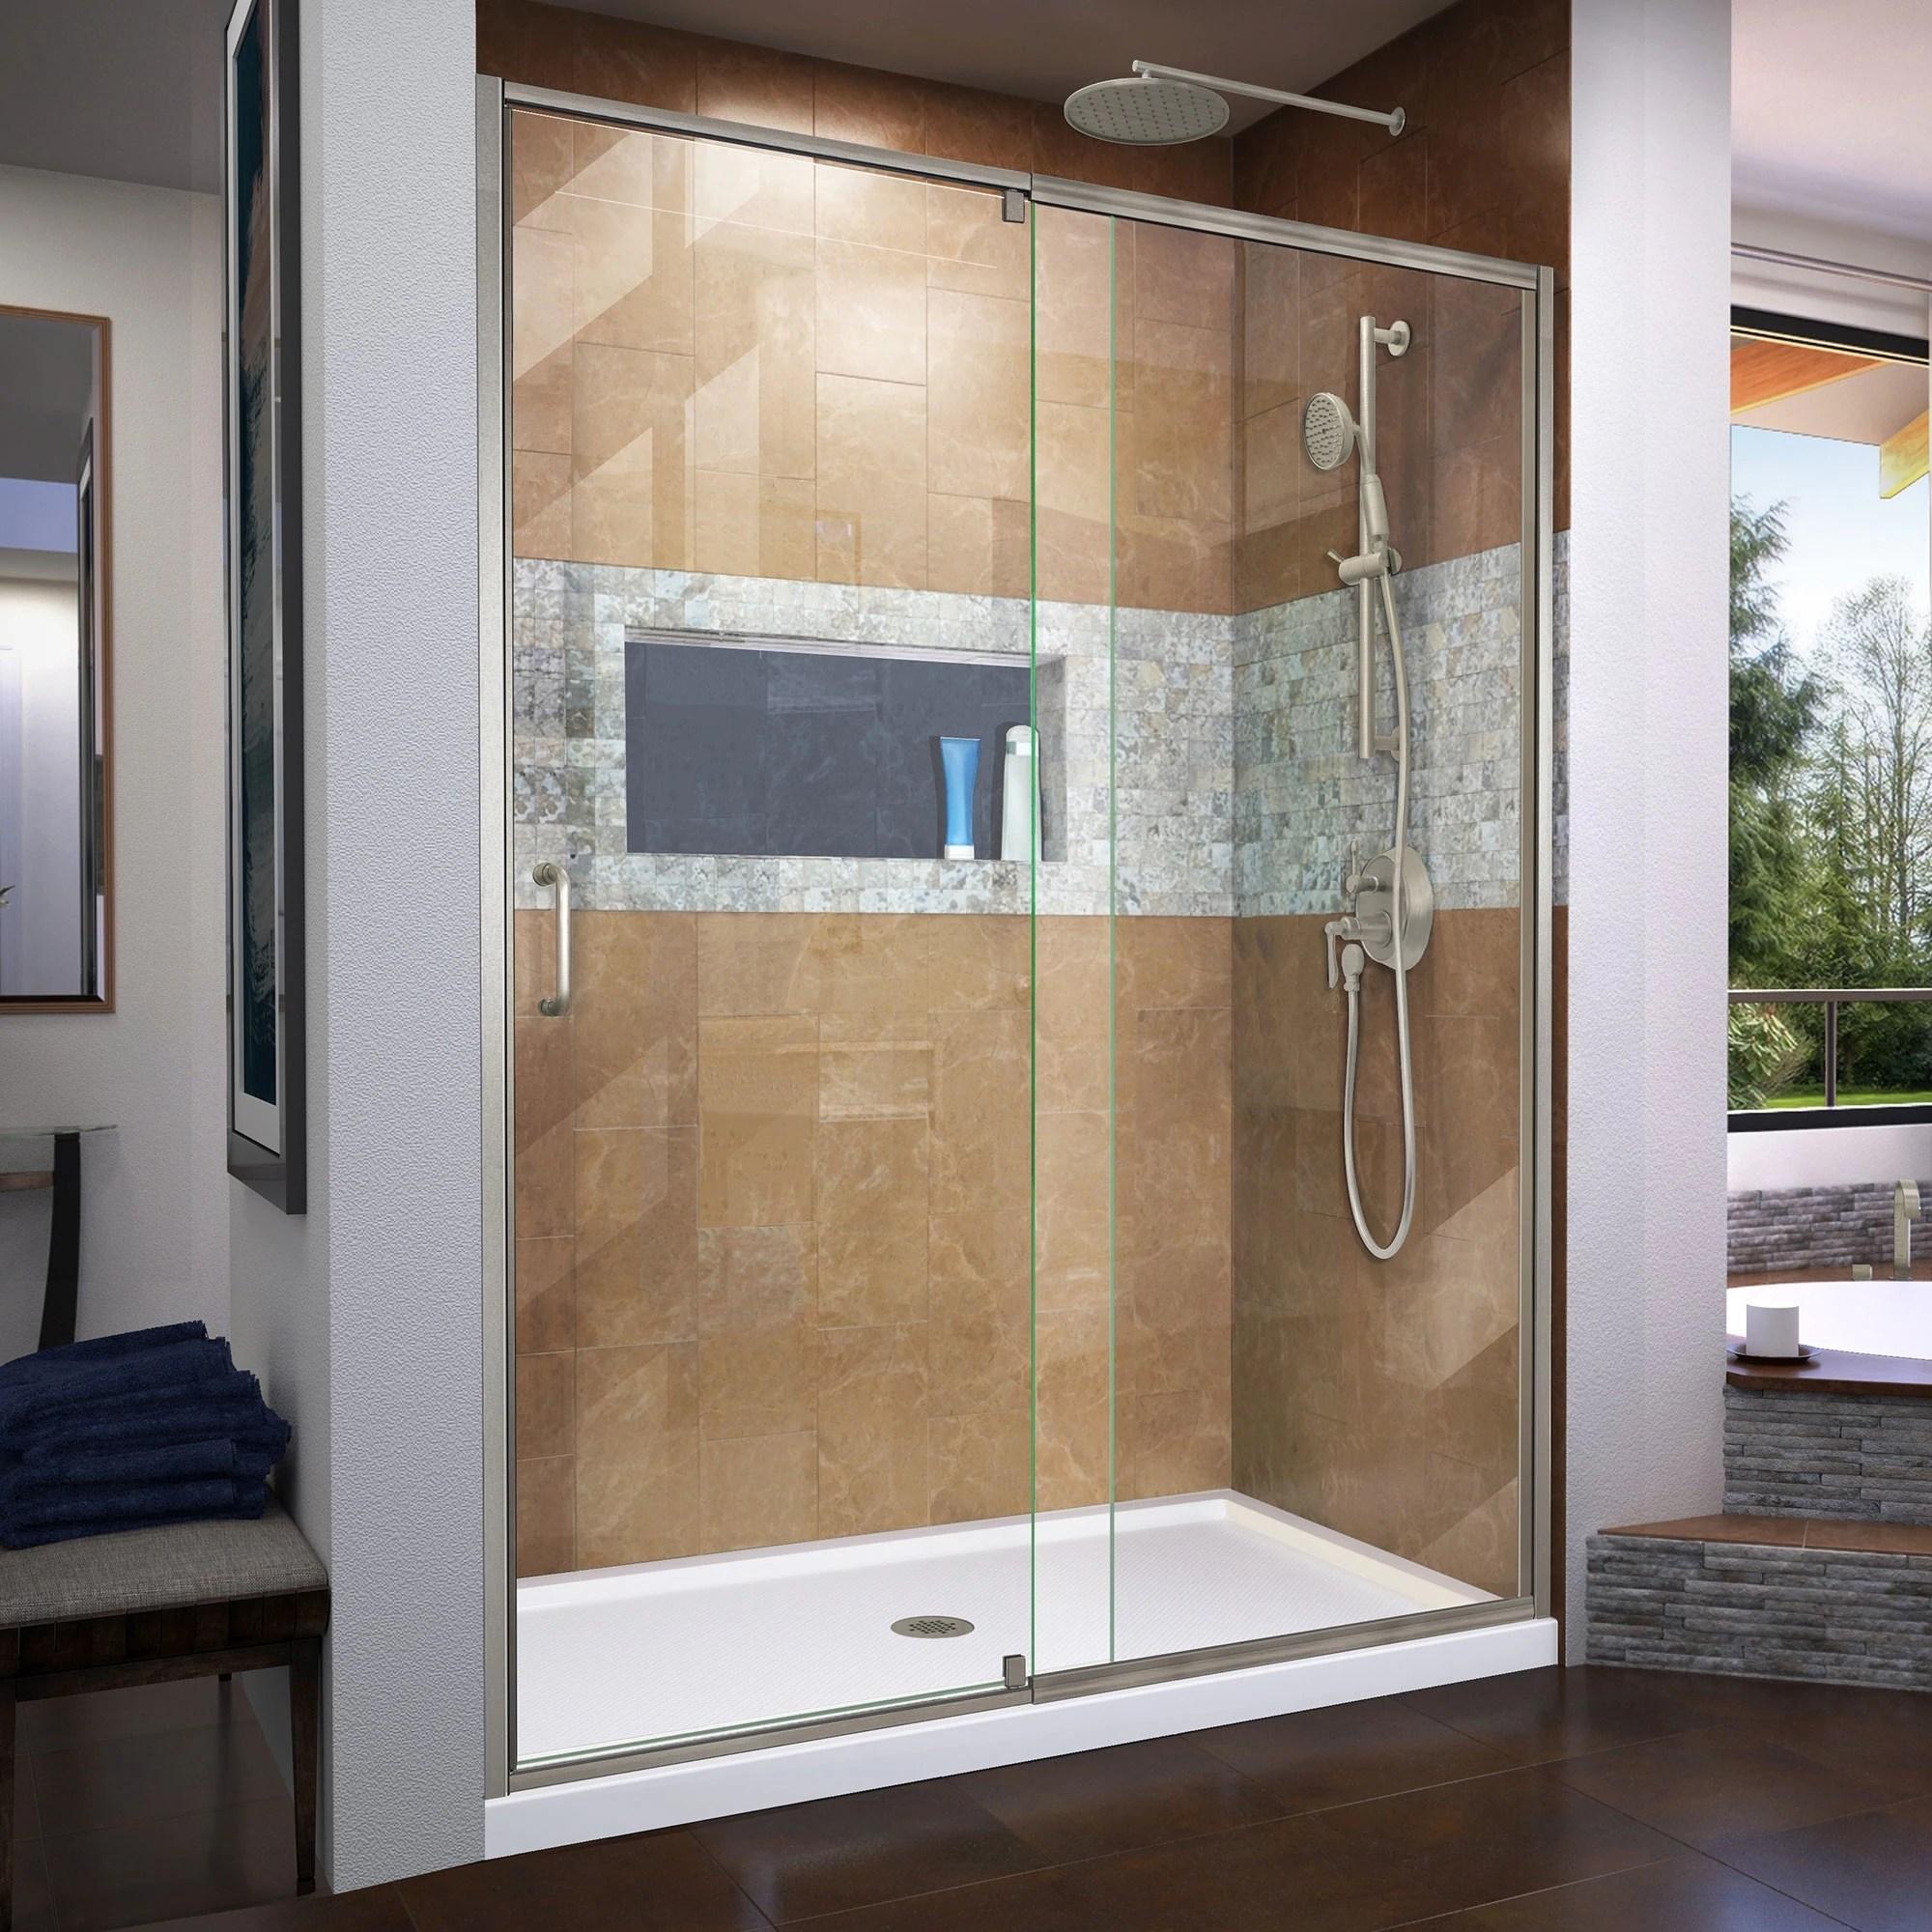 Dreamline Flex 56 60 In W X 72 In H Semi Frameless Pivot Shower Door 56 60 W